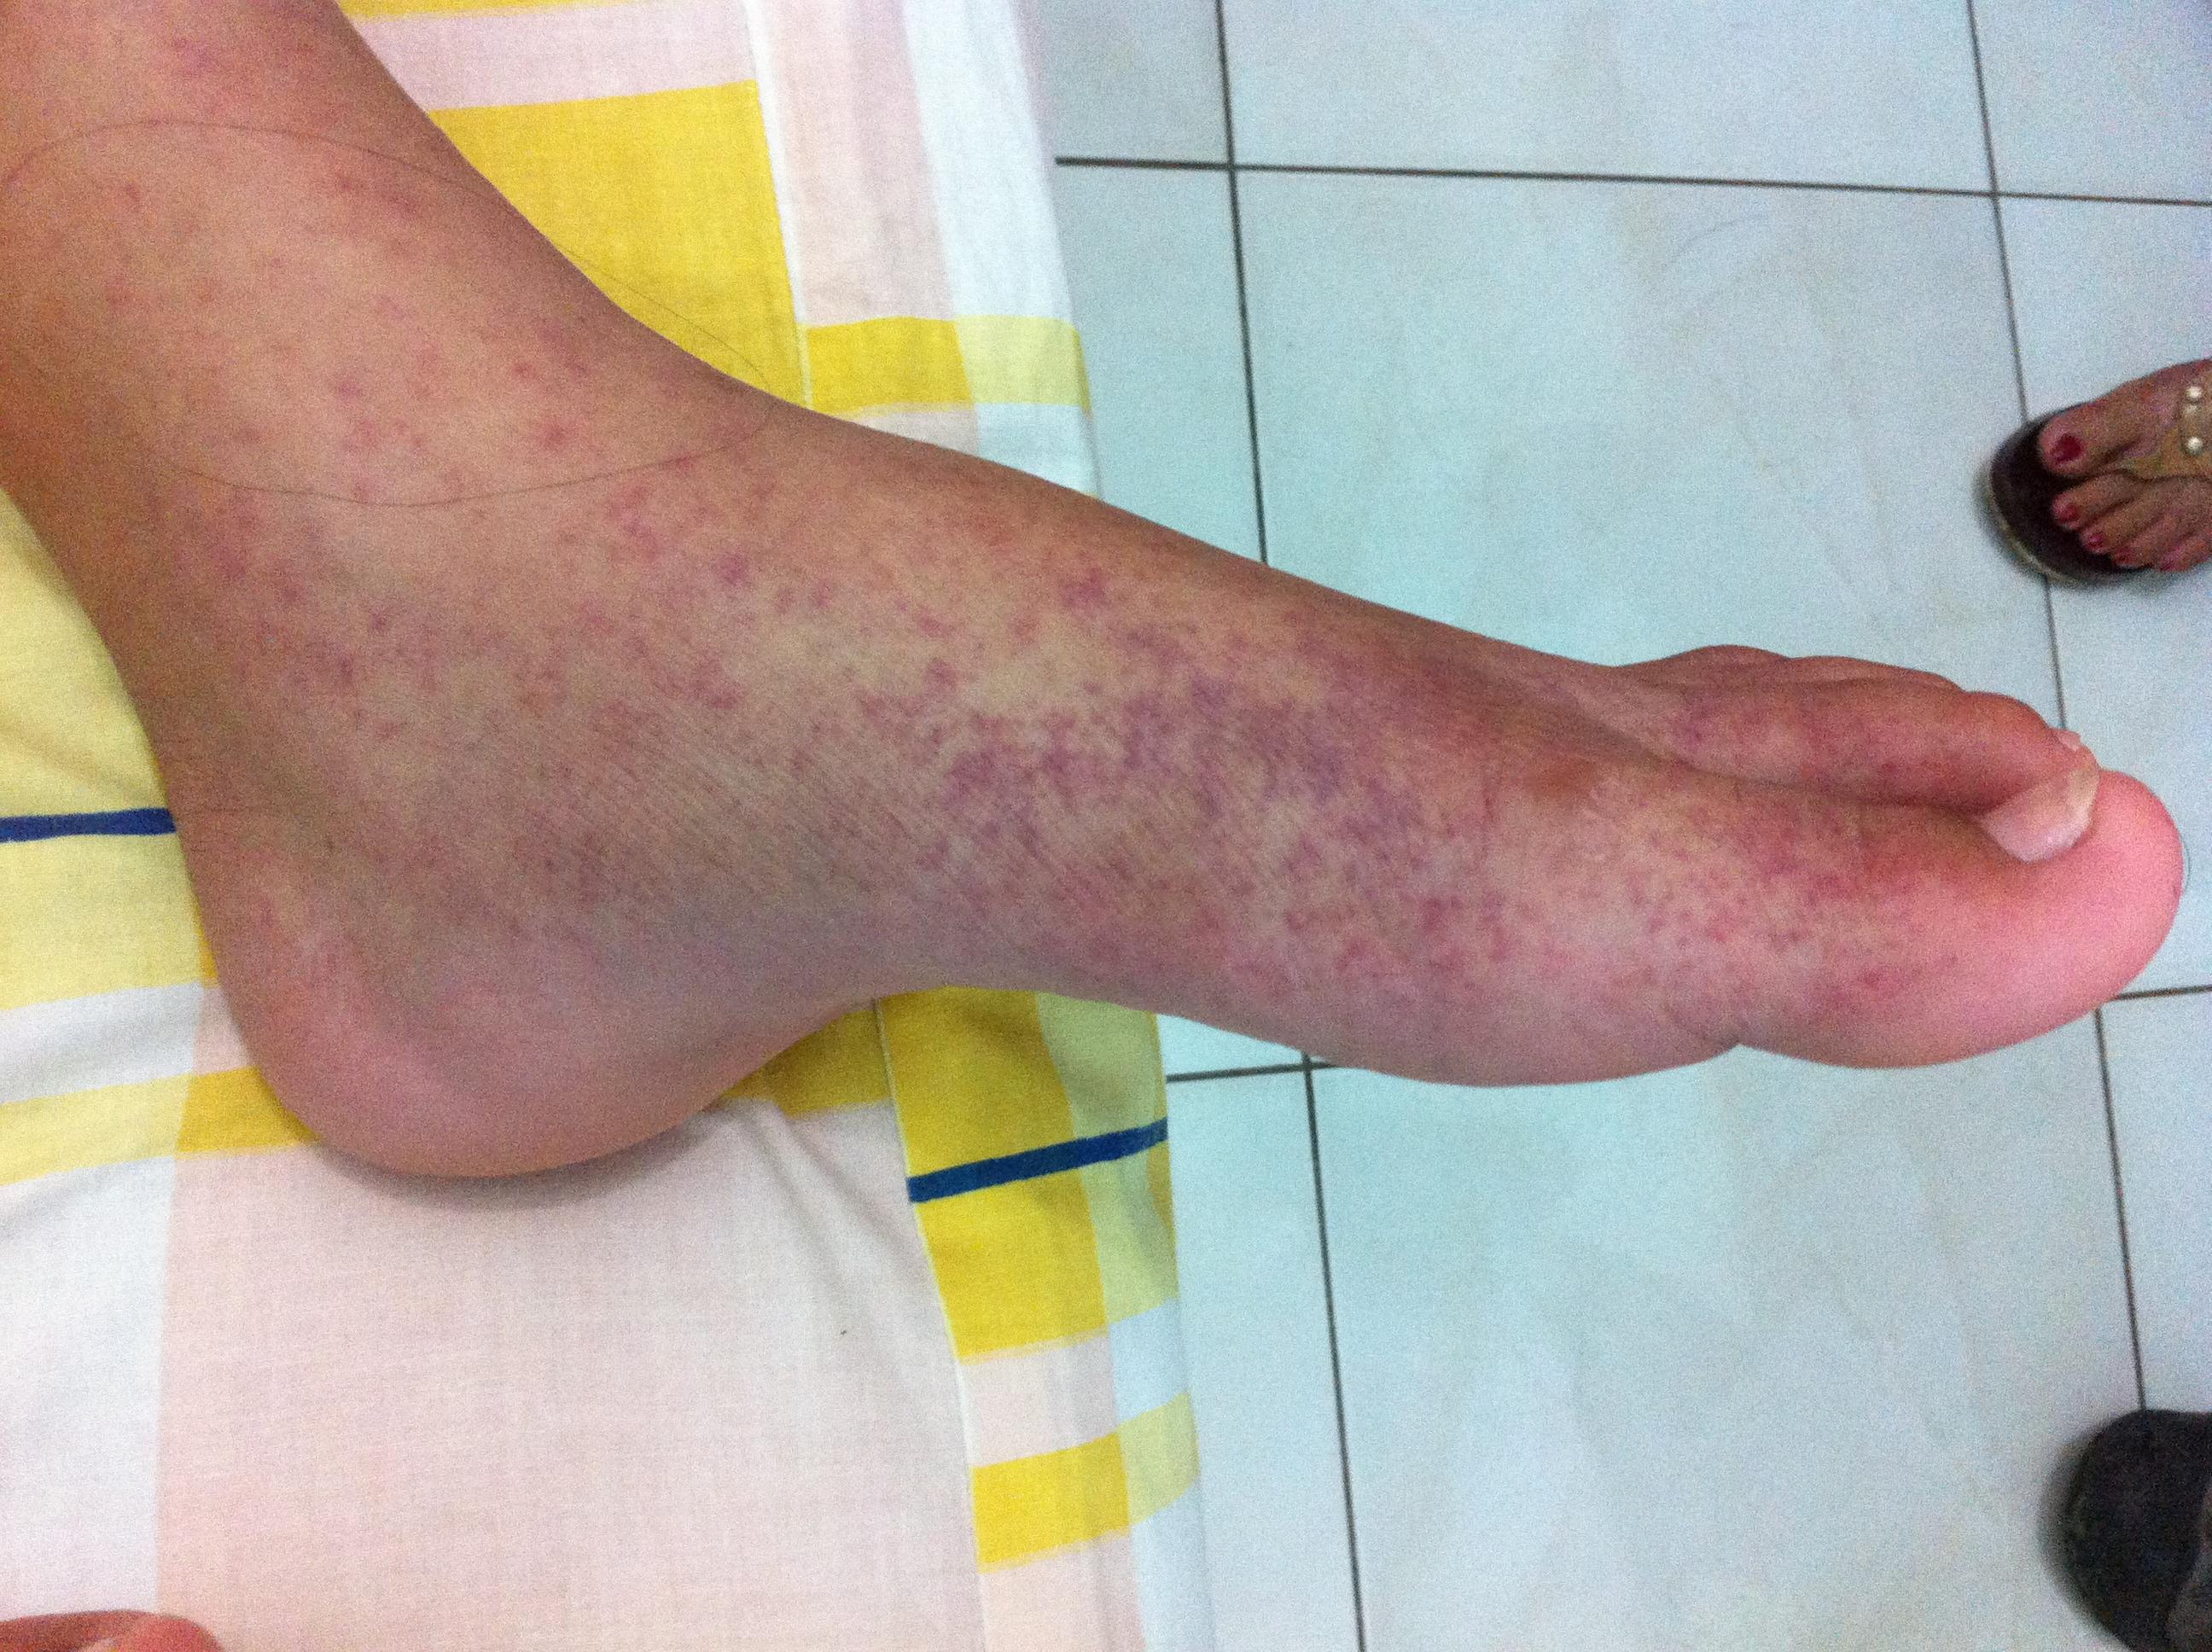 Diarrea vomito y dolor en las piernas